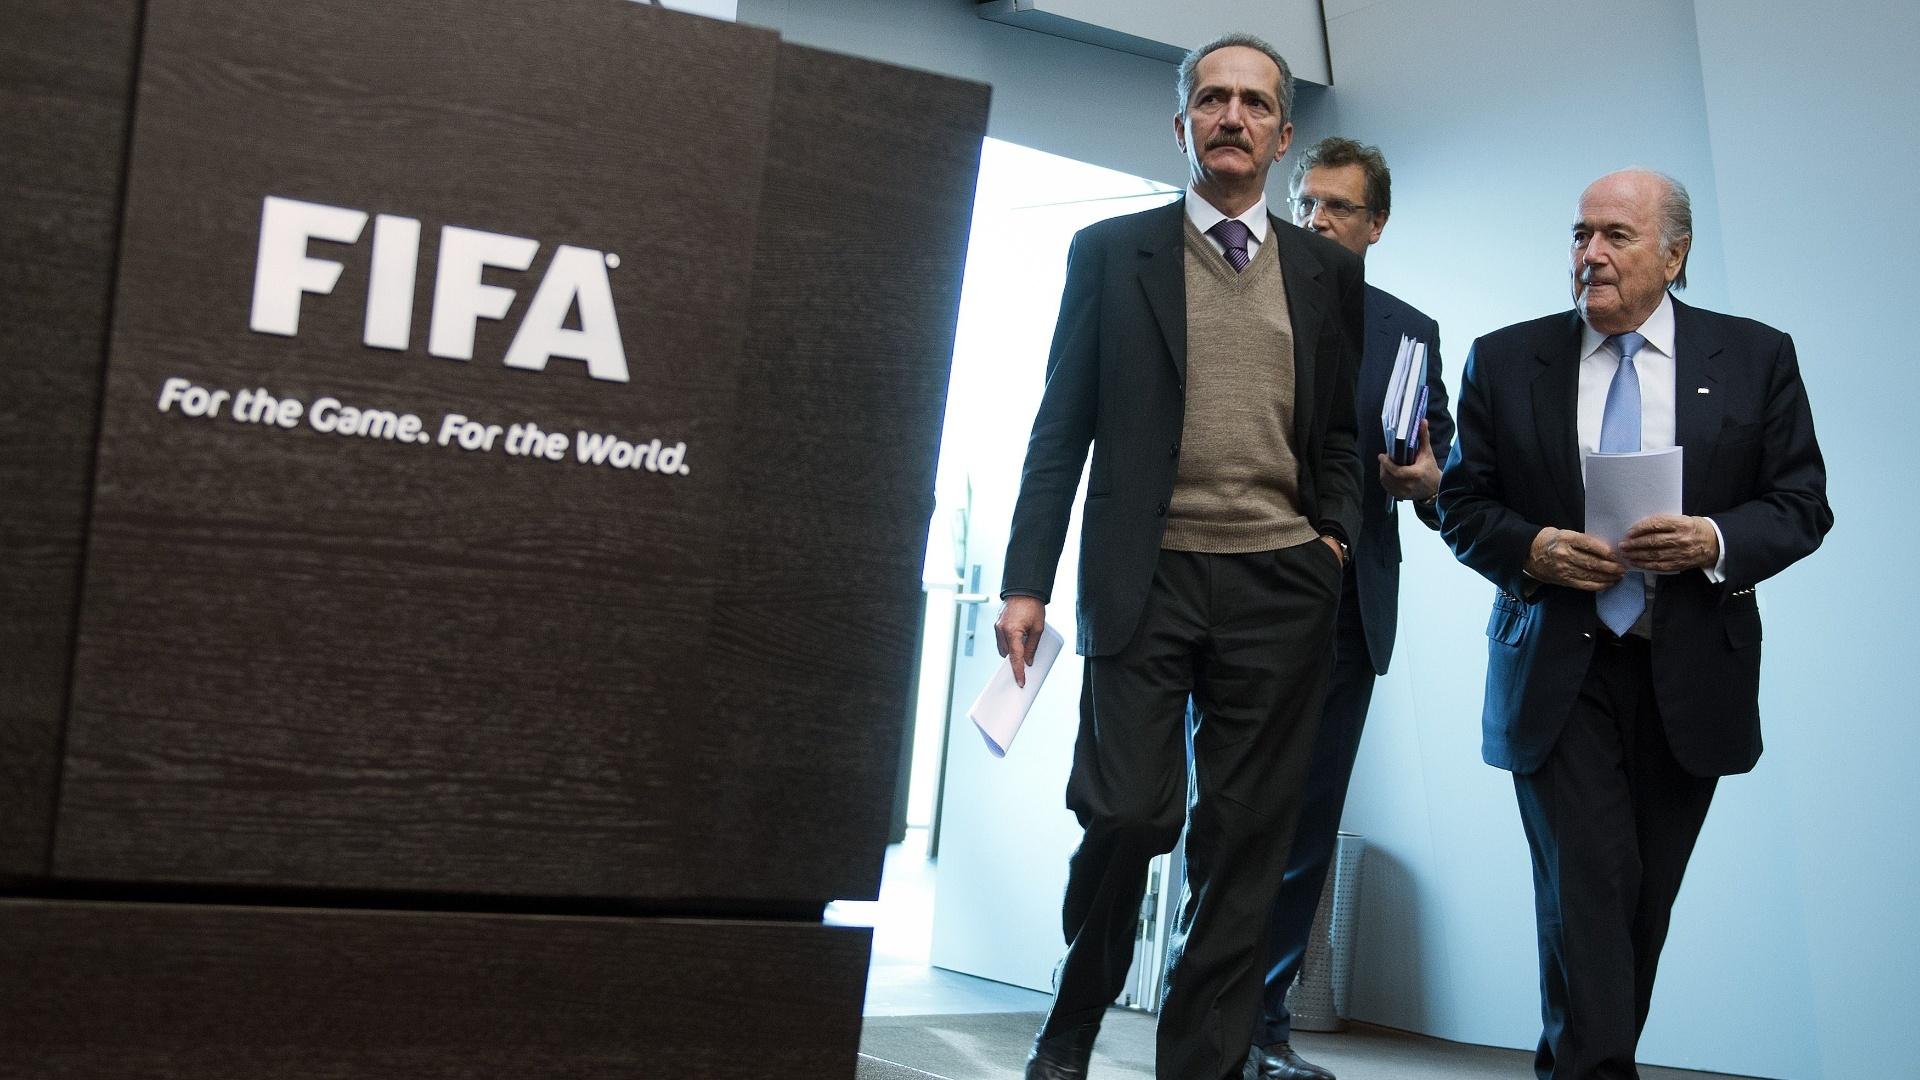 Comitiva brasileira se reuniu com o presidente da Fifa Joseph Blatter e com o secretário-geral Jérôme Valcke